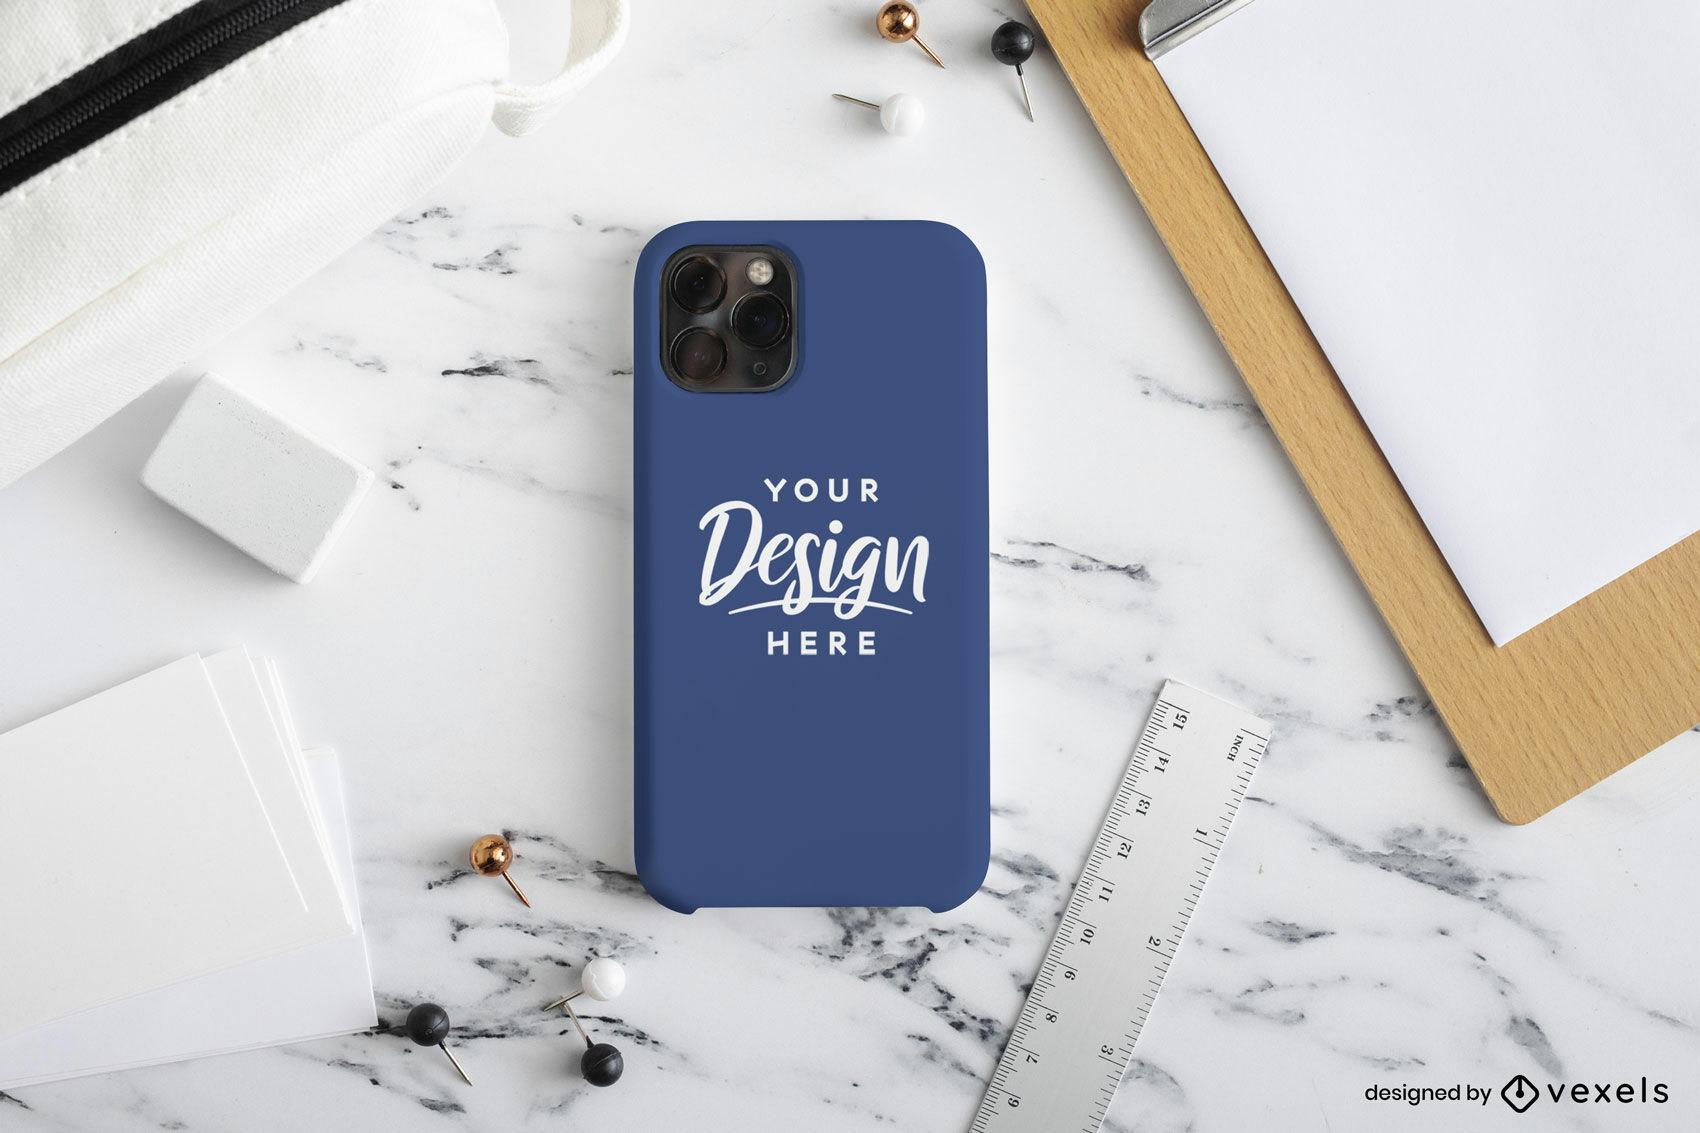 Maquete da capa do telefone azul em mesa de mármore